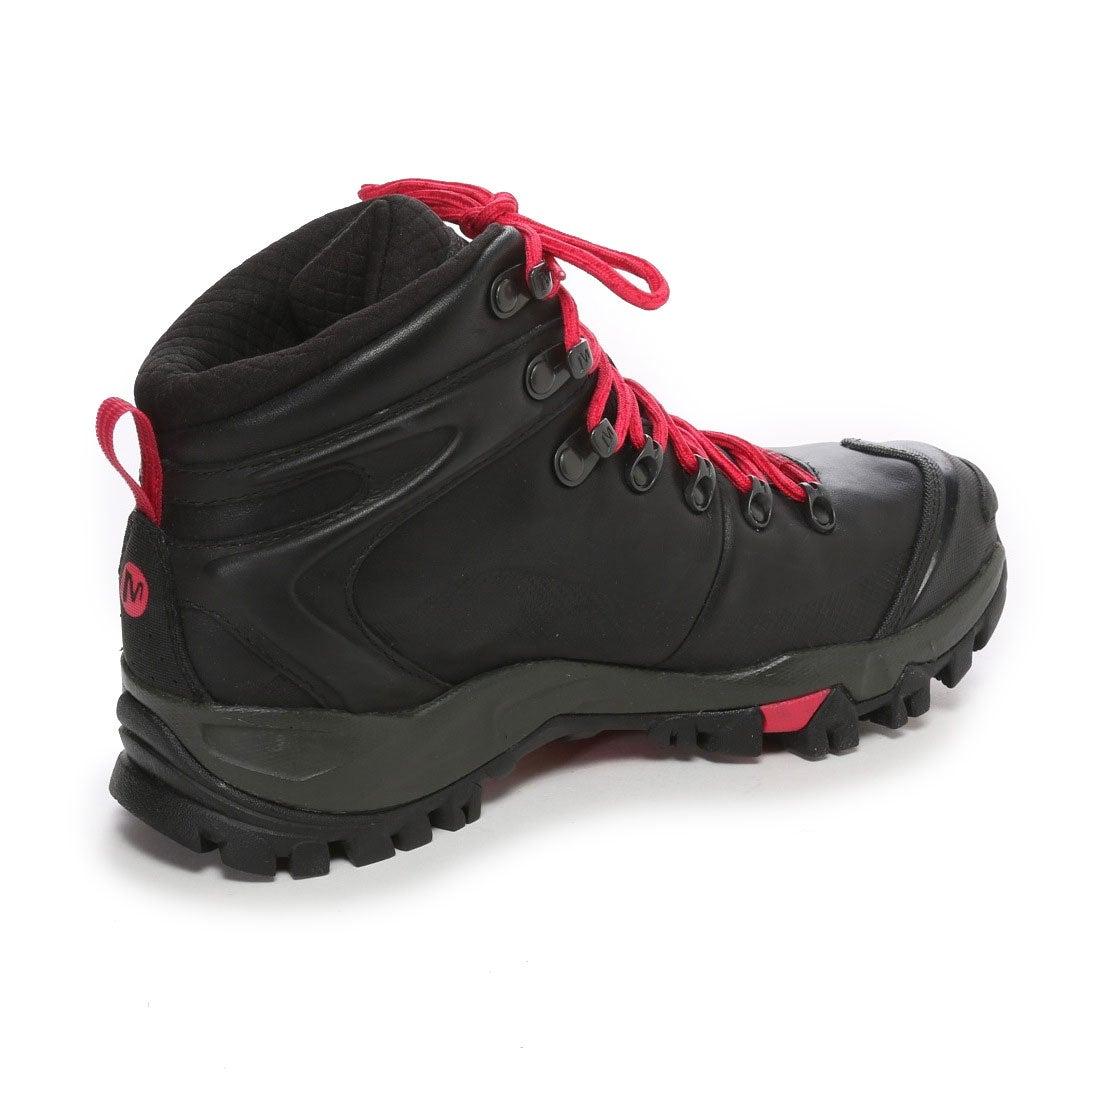 MERRELL メレル merrel トレッキングシューズ マッタータル エコー ゴアテックス MATTERTAL ECHO GTX black GORE,TEX 57182 ブラック ,靴とファッションの通販サイト